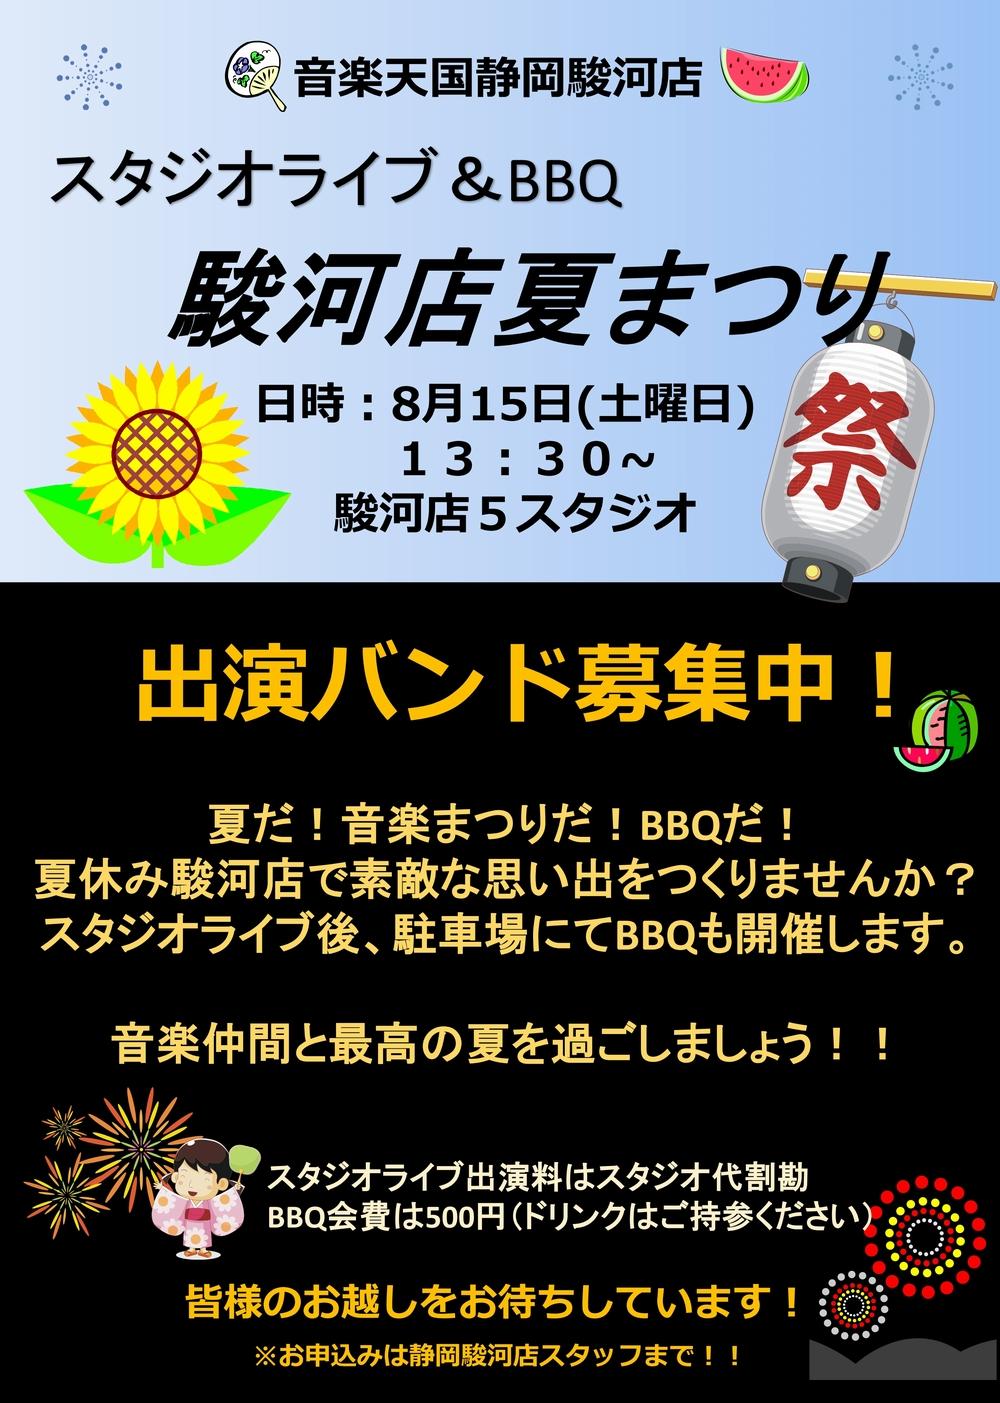 【夏まつり】スタジオライブ&BBQ音楽天国・静岡駿河店8月15日(土)初開催